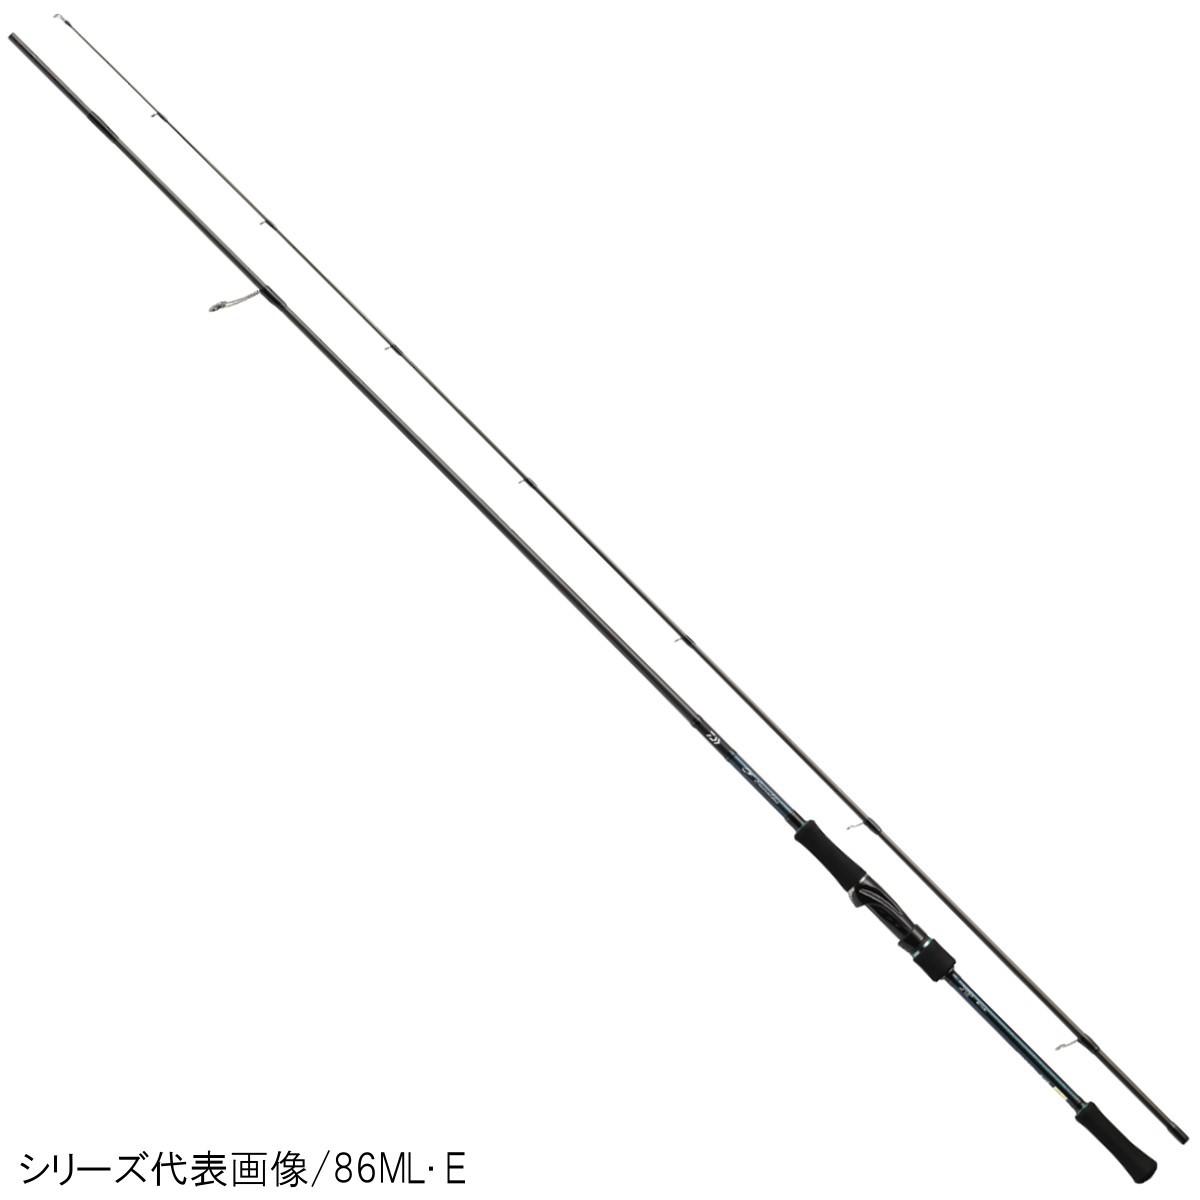 ダイワ エメラルダス MX(アウトガイドモデル) 86M・E(東日本店)